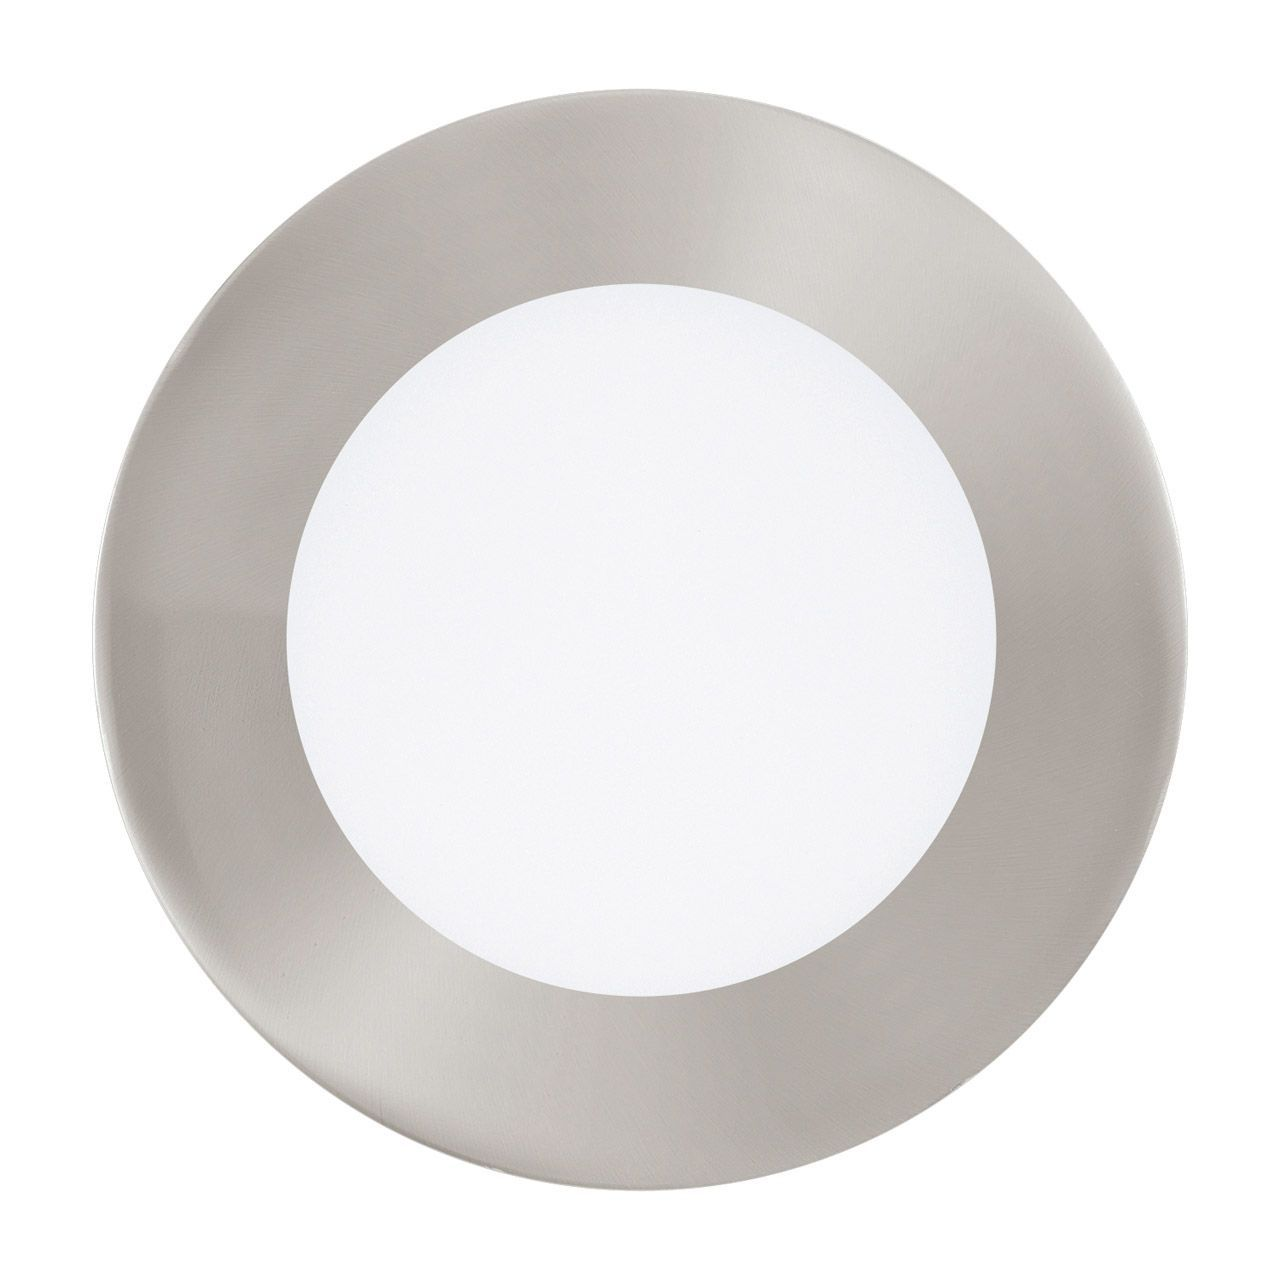 Встраиваемый светодиодный светильник Eglo Fueva 1 95467 встраиваемый светильник eglo 94402 желтый